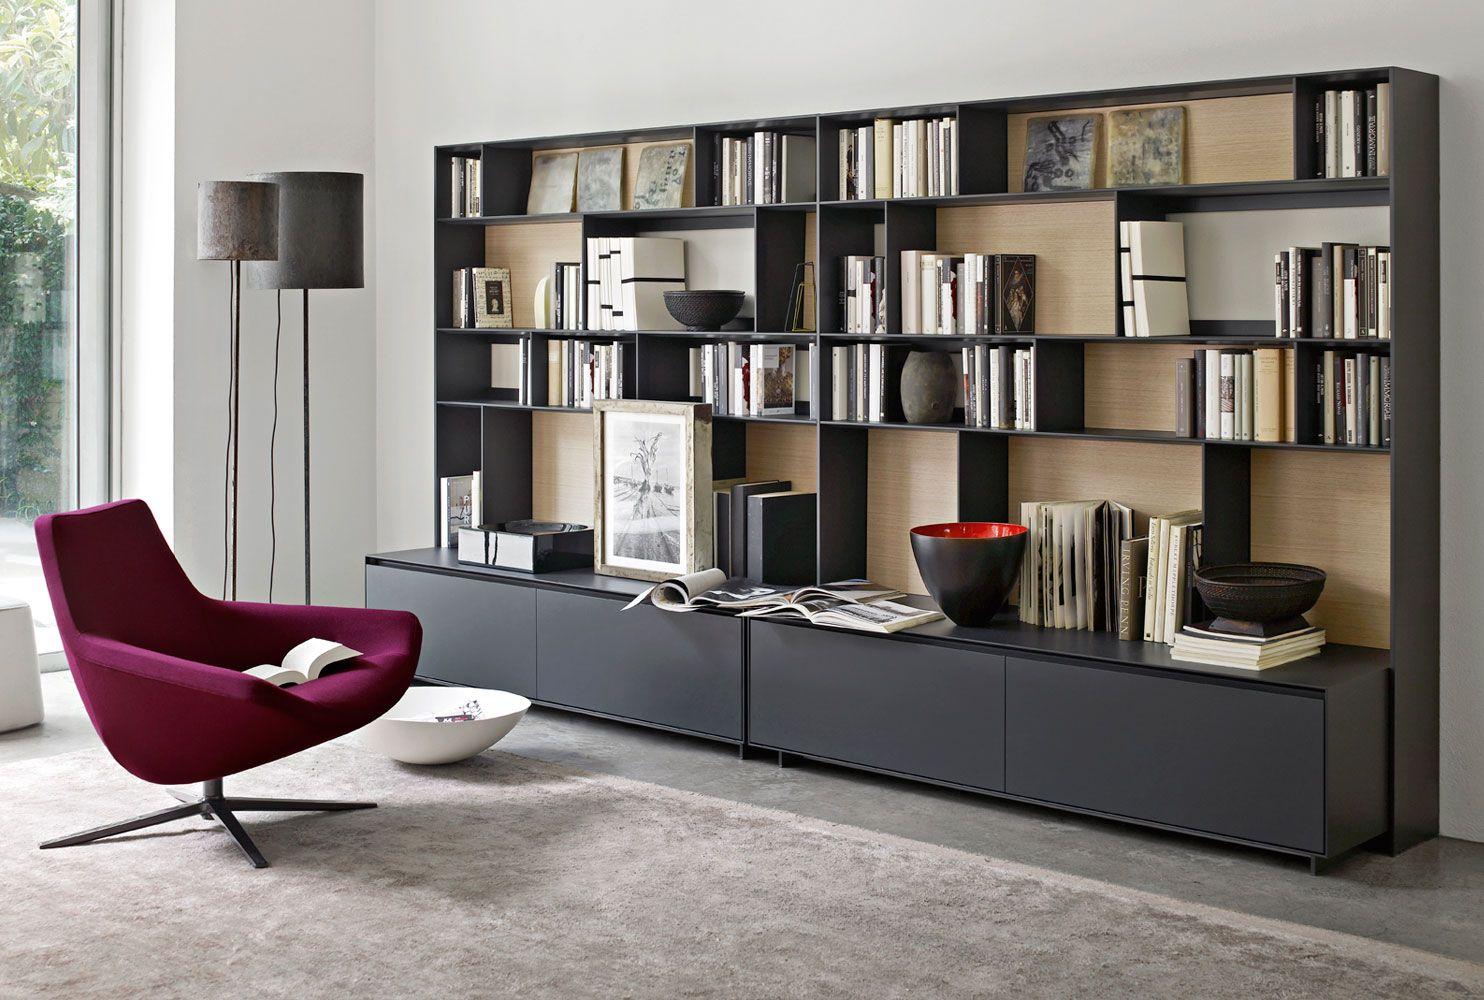 Wallsystem Flat C B B Italia Design Of Antonio Citterio Con